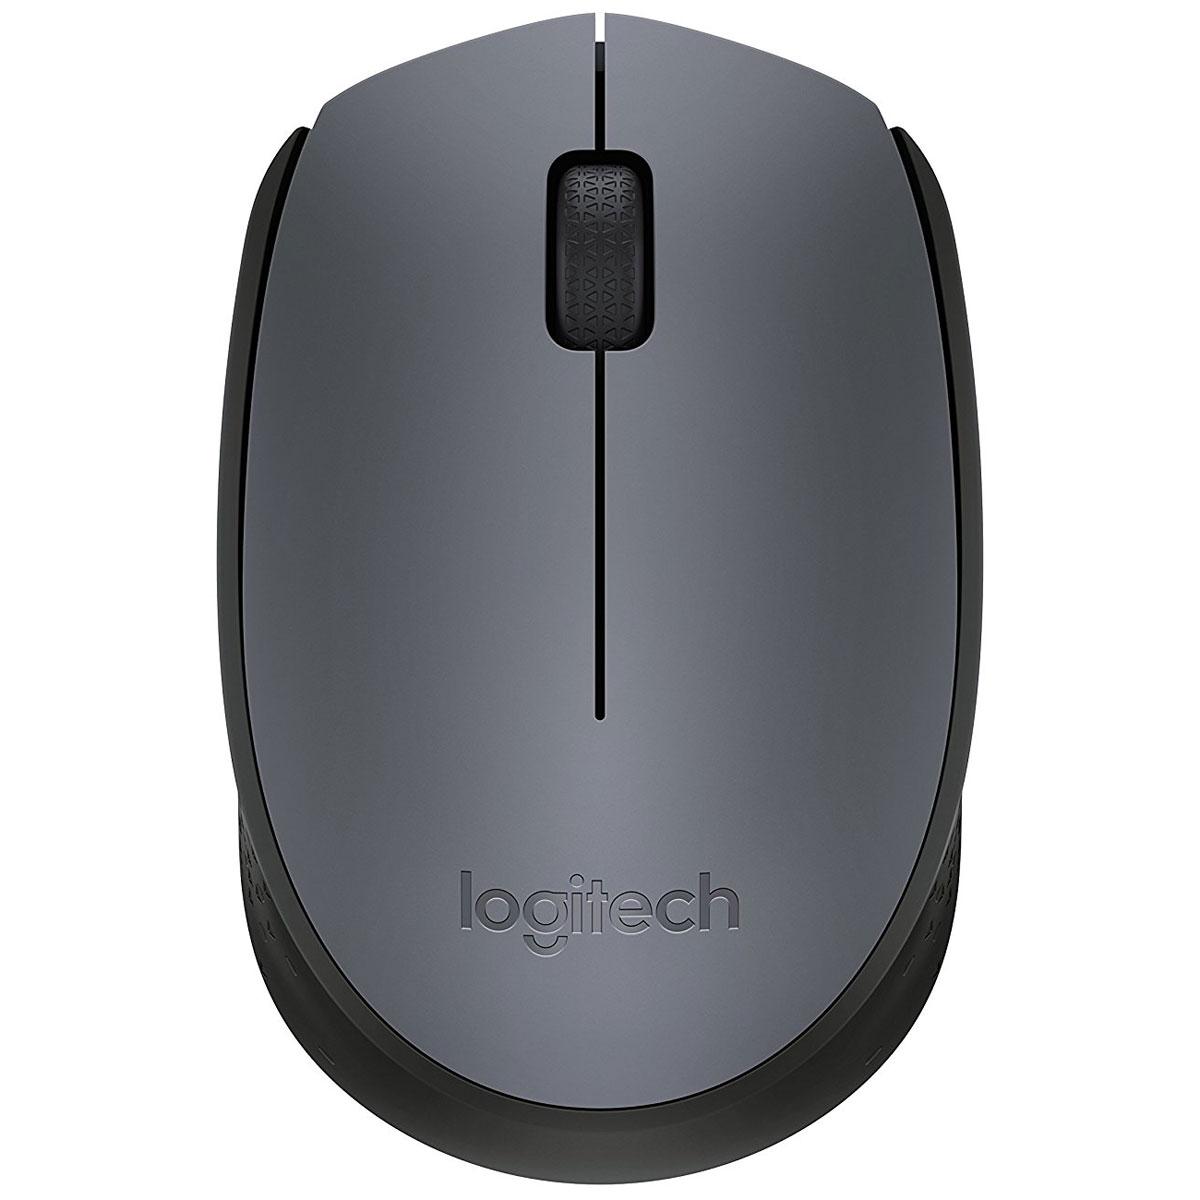 Souris PC Logitech M170 Wireless Mouse (Gris) Souris sans fil - ambidextre - capteur optique - 3 boutons